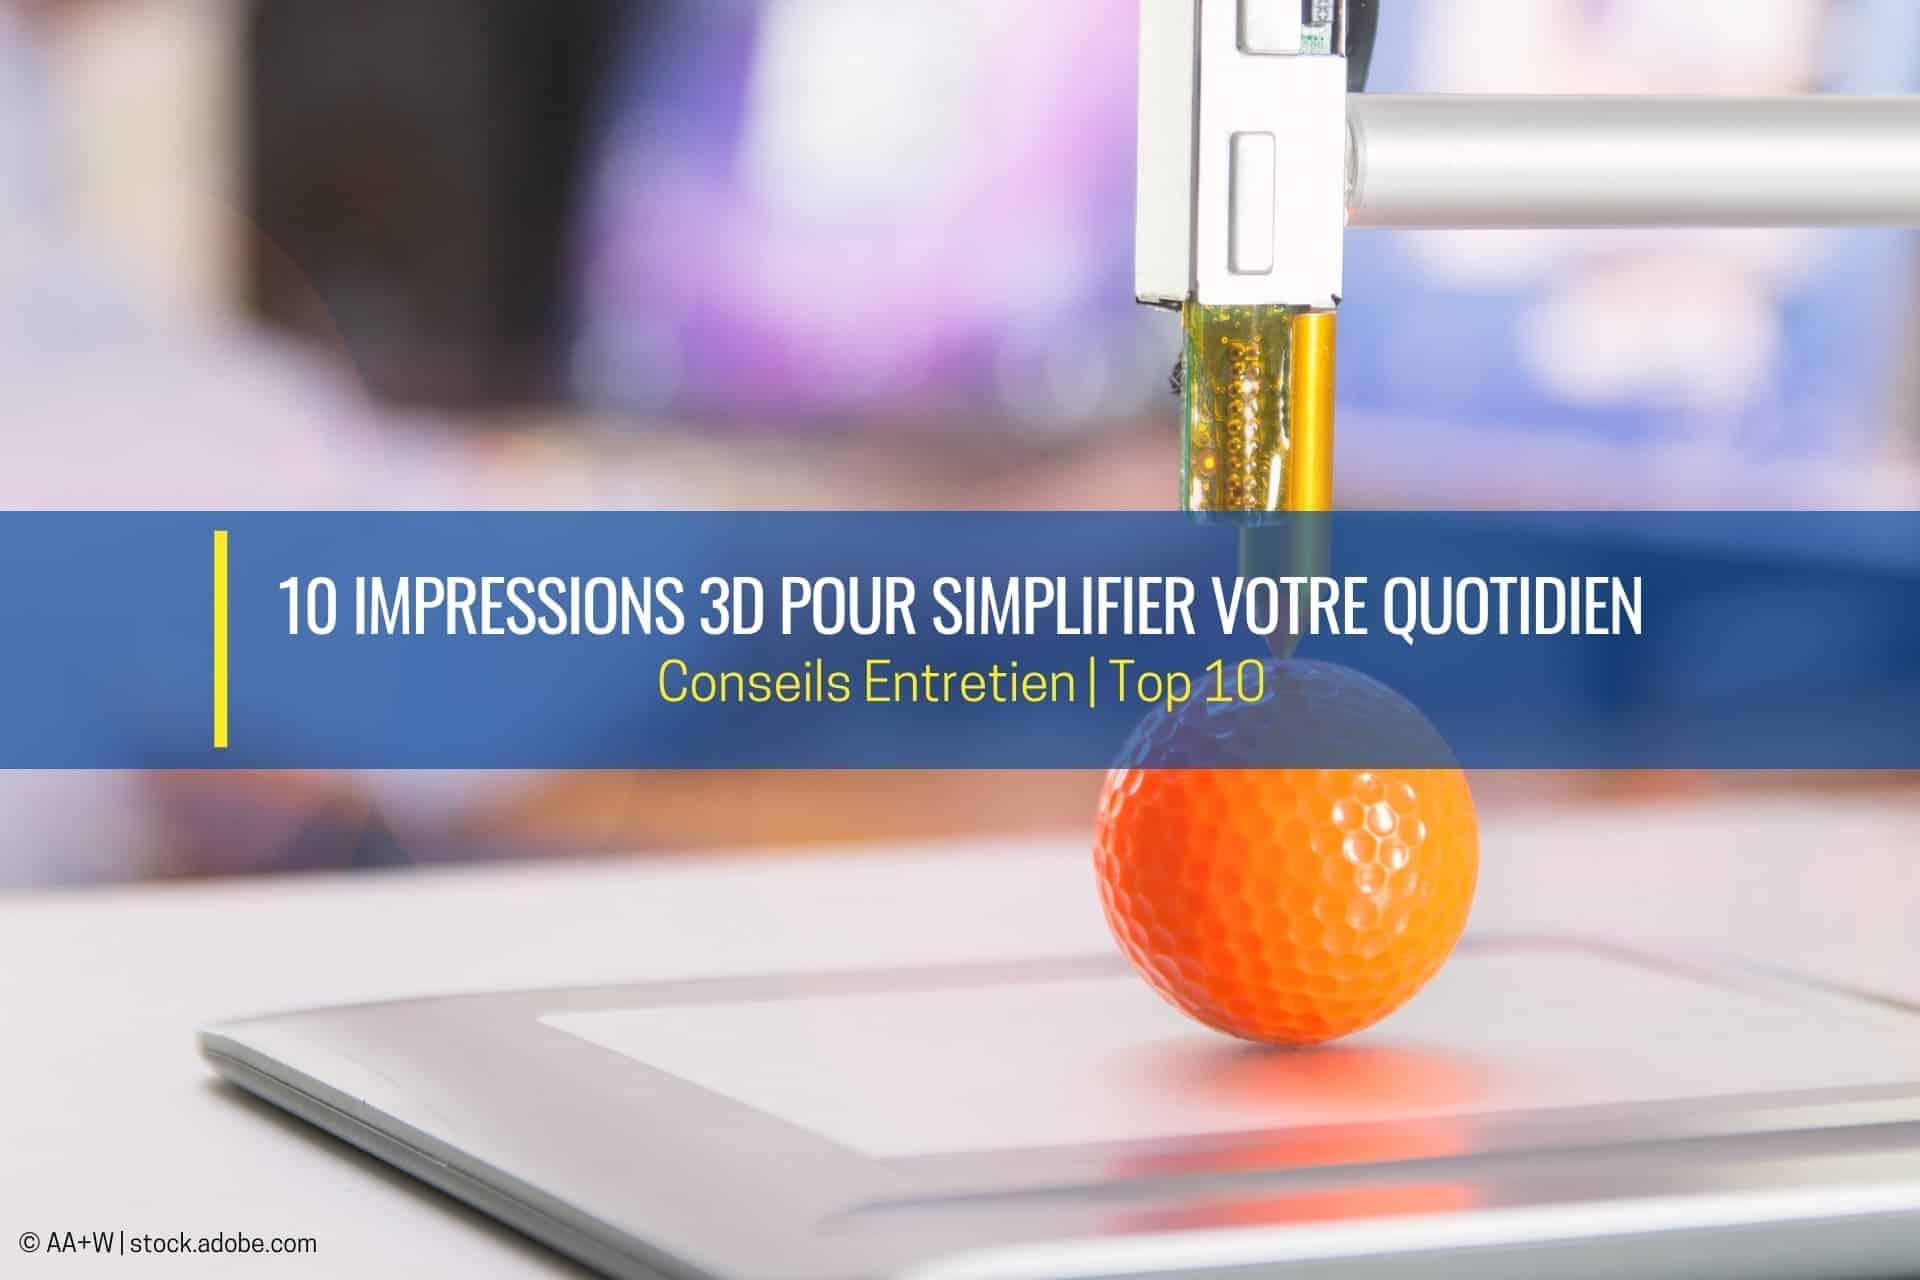 10 impressions 3d